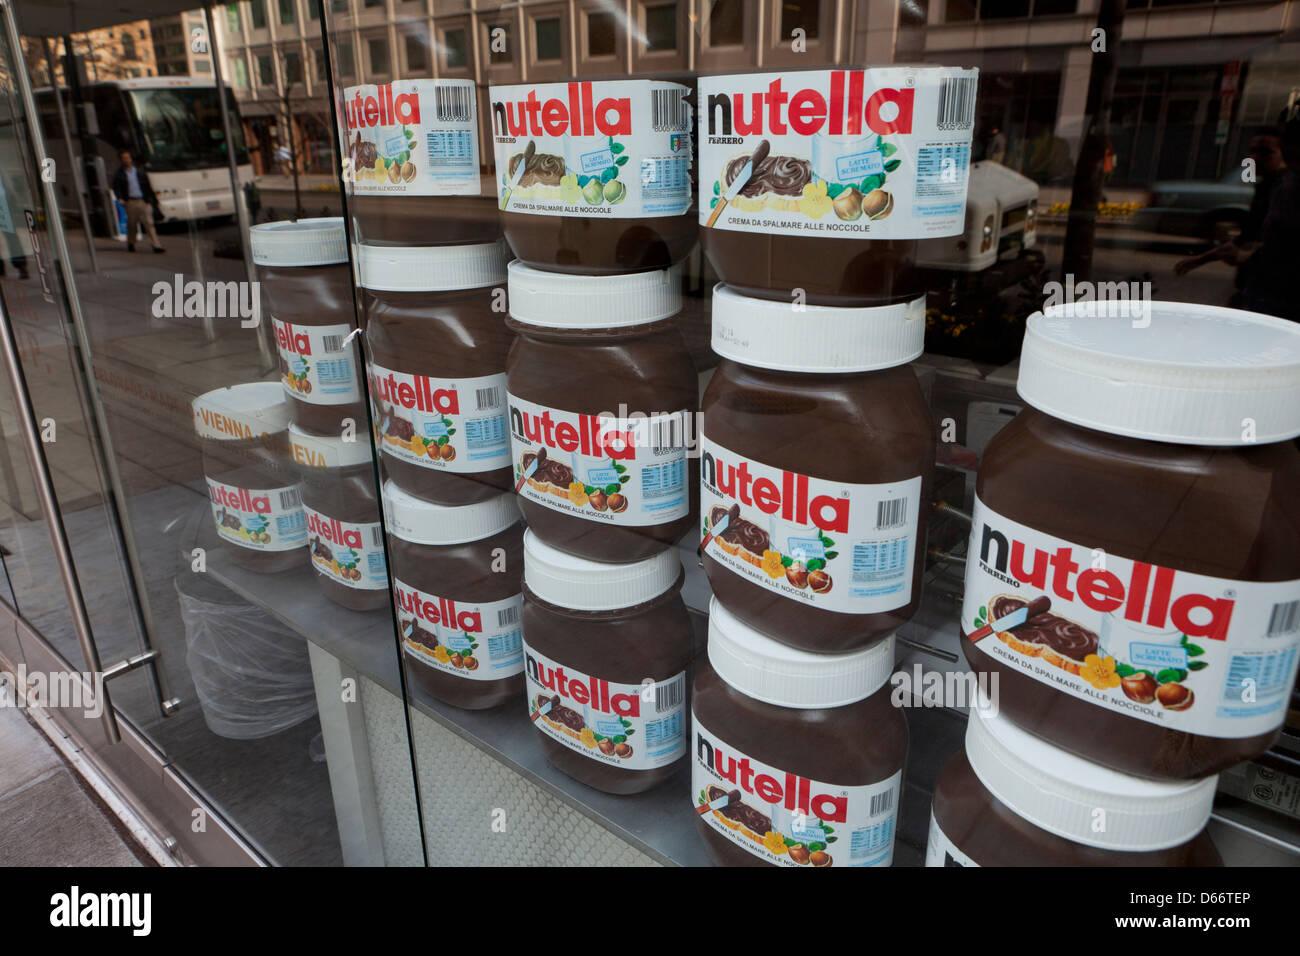 Nutella jars on display - Stock Image